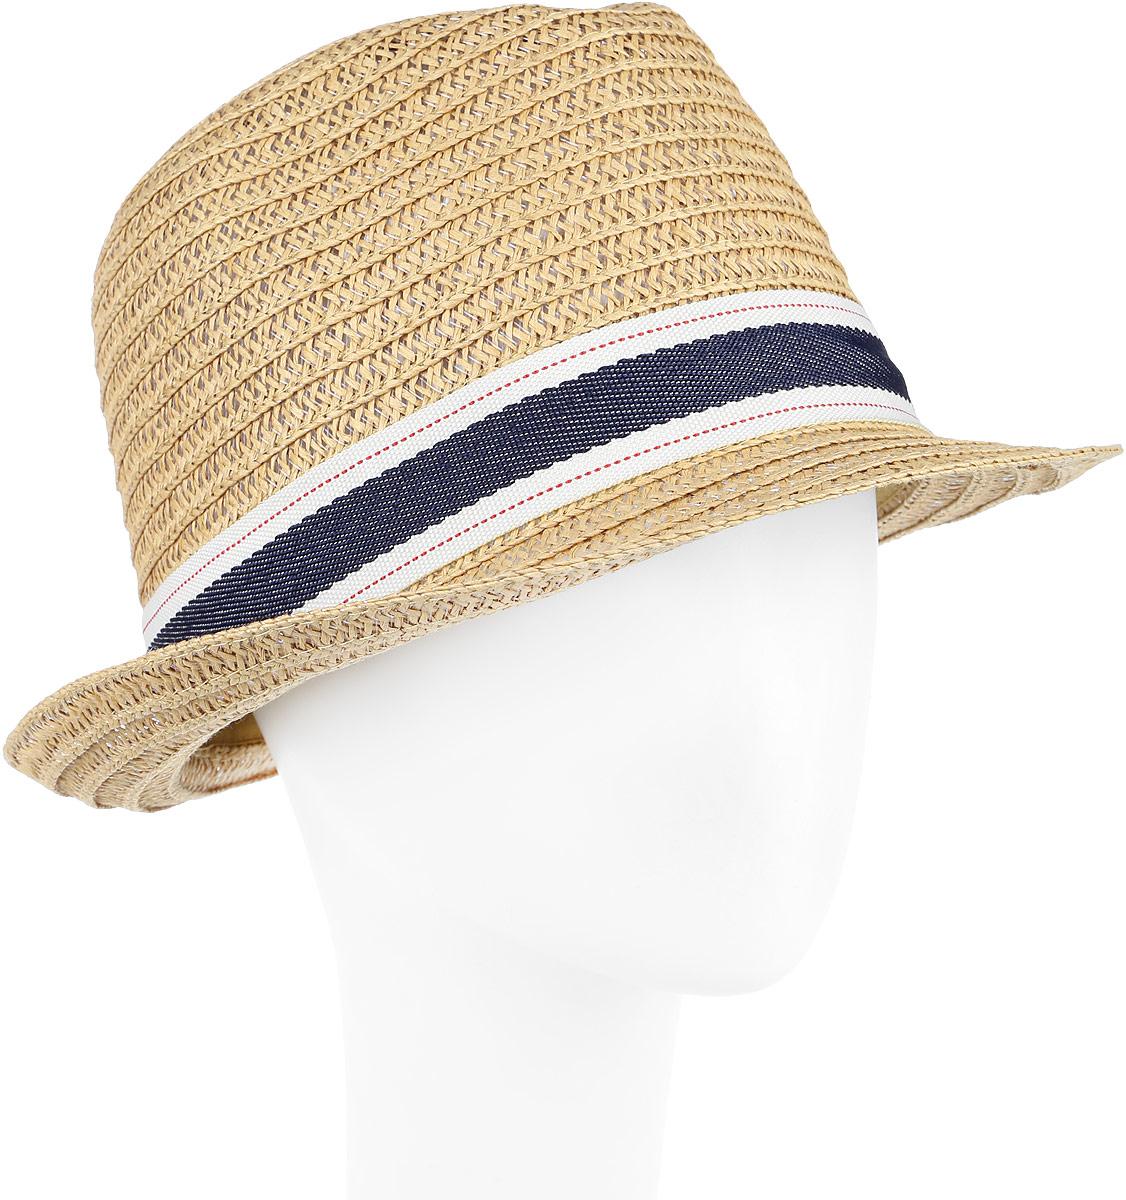 Шляпа женская Fabretti, цвет: бежевый. GL41-3. Размер универсальныйGL41-3 BEIGEСтильная шляпа от Fabretti для пляжного отдыха и прогулок в солнечные дни.